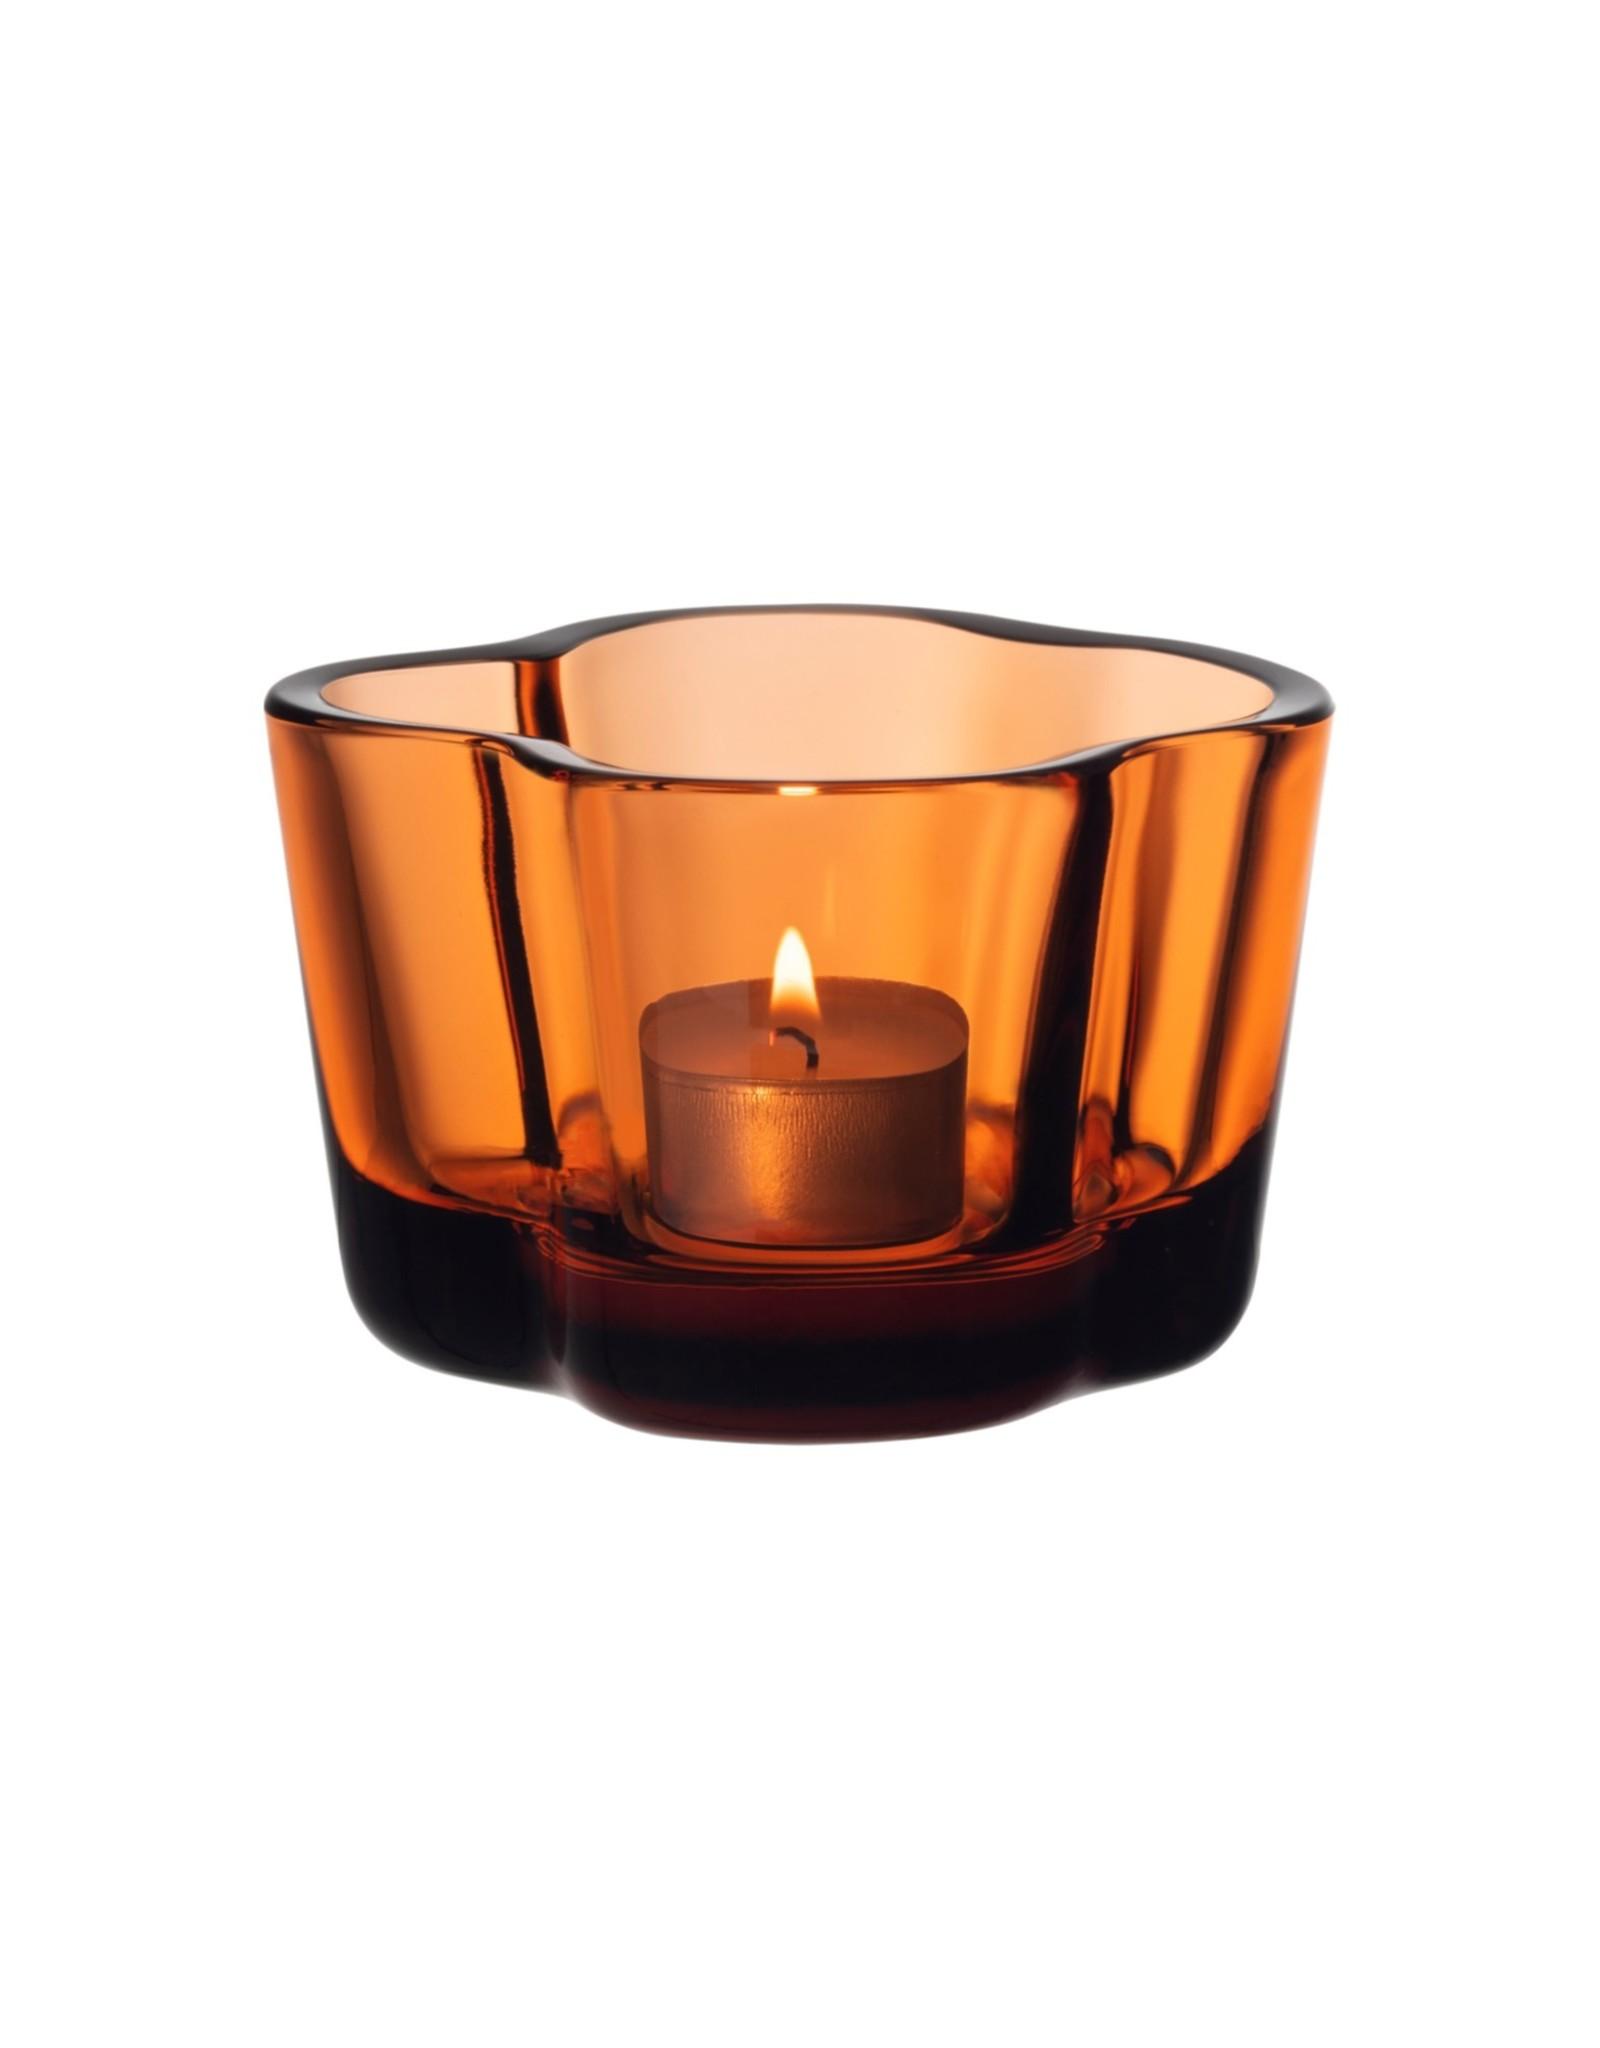 Iittala Iittala Alvar Aalto Collection Waxinelichthouder / Sfeerlicht 60 mm Sevilla Orange